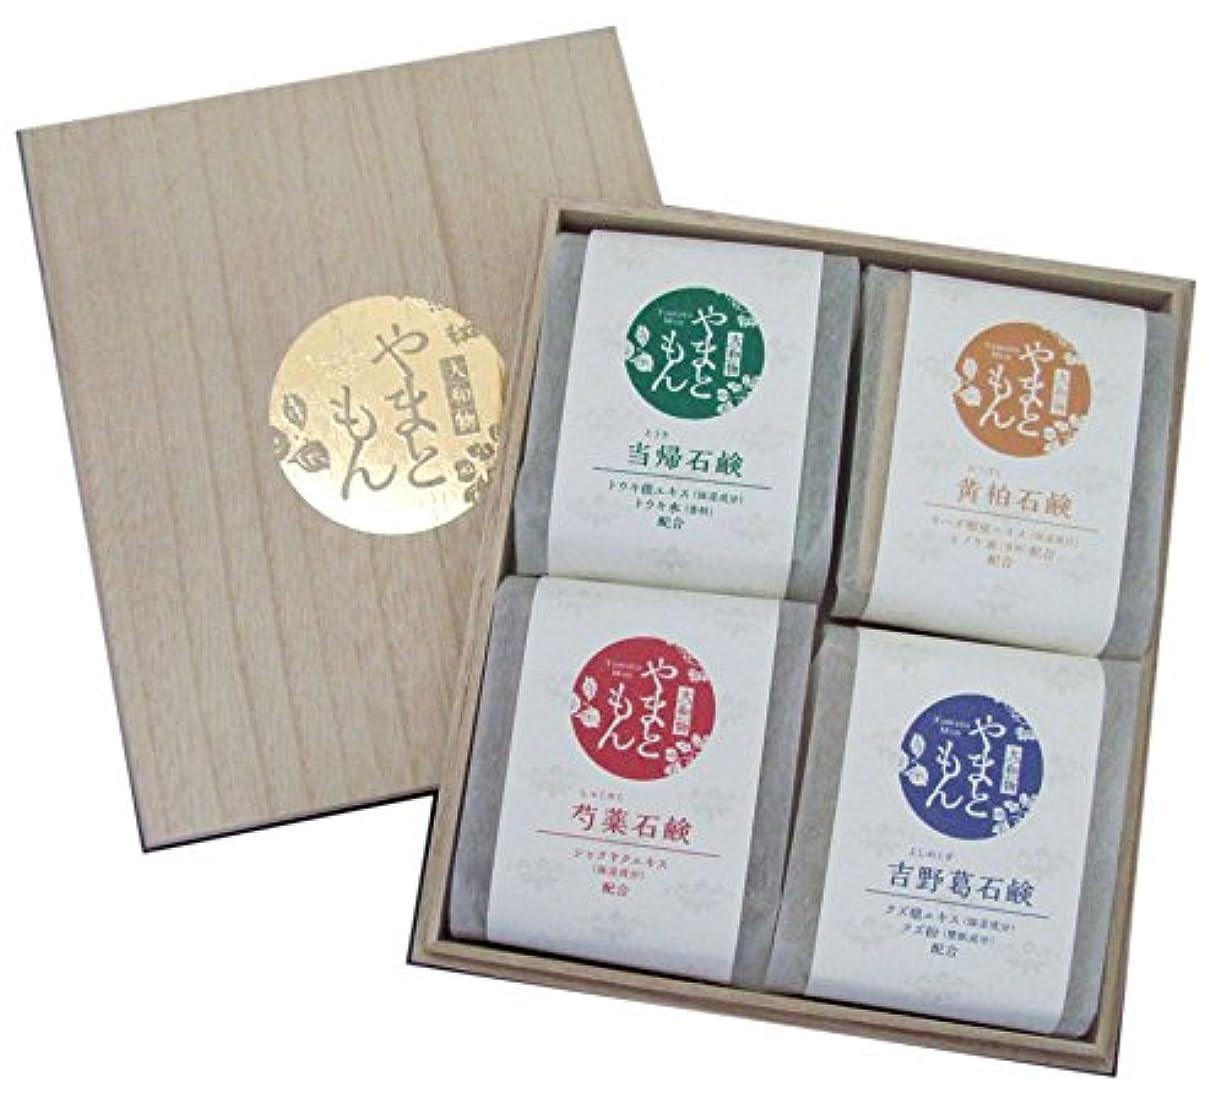 最初クリップ組み立てる奈良産和漢生薬エキス使用やまともん化粧品 石鹸ギフト